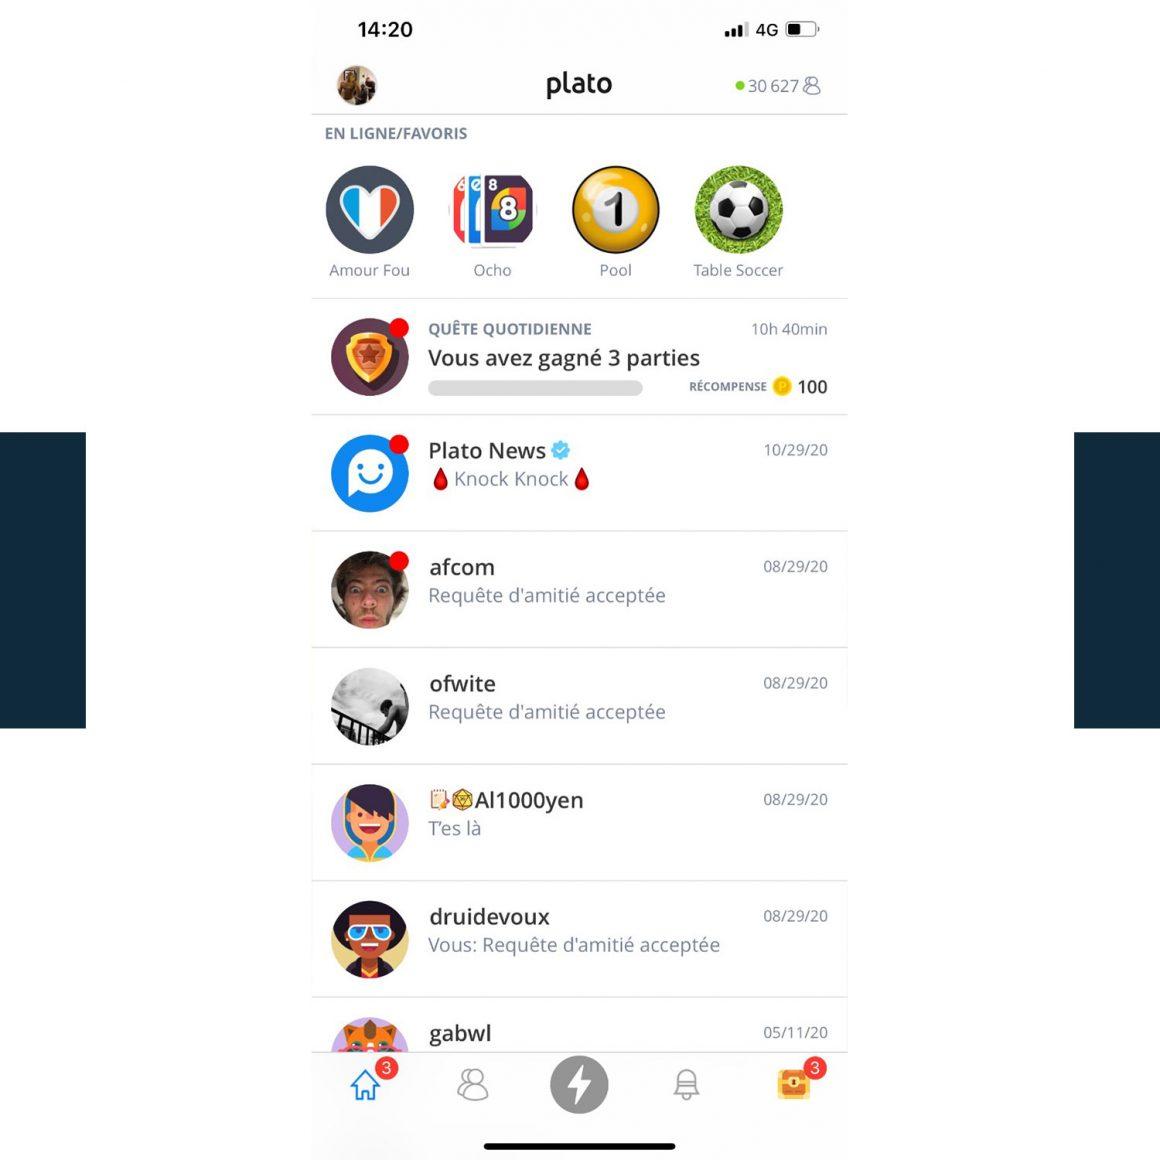 Capture d'écran de l'application mobile Plato